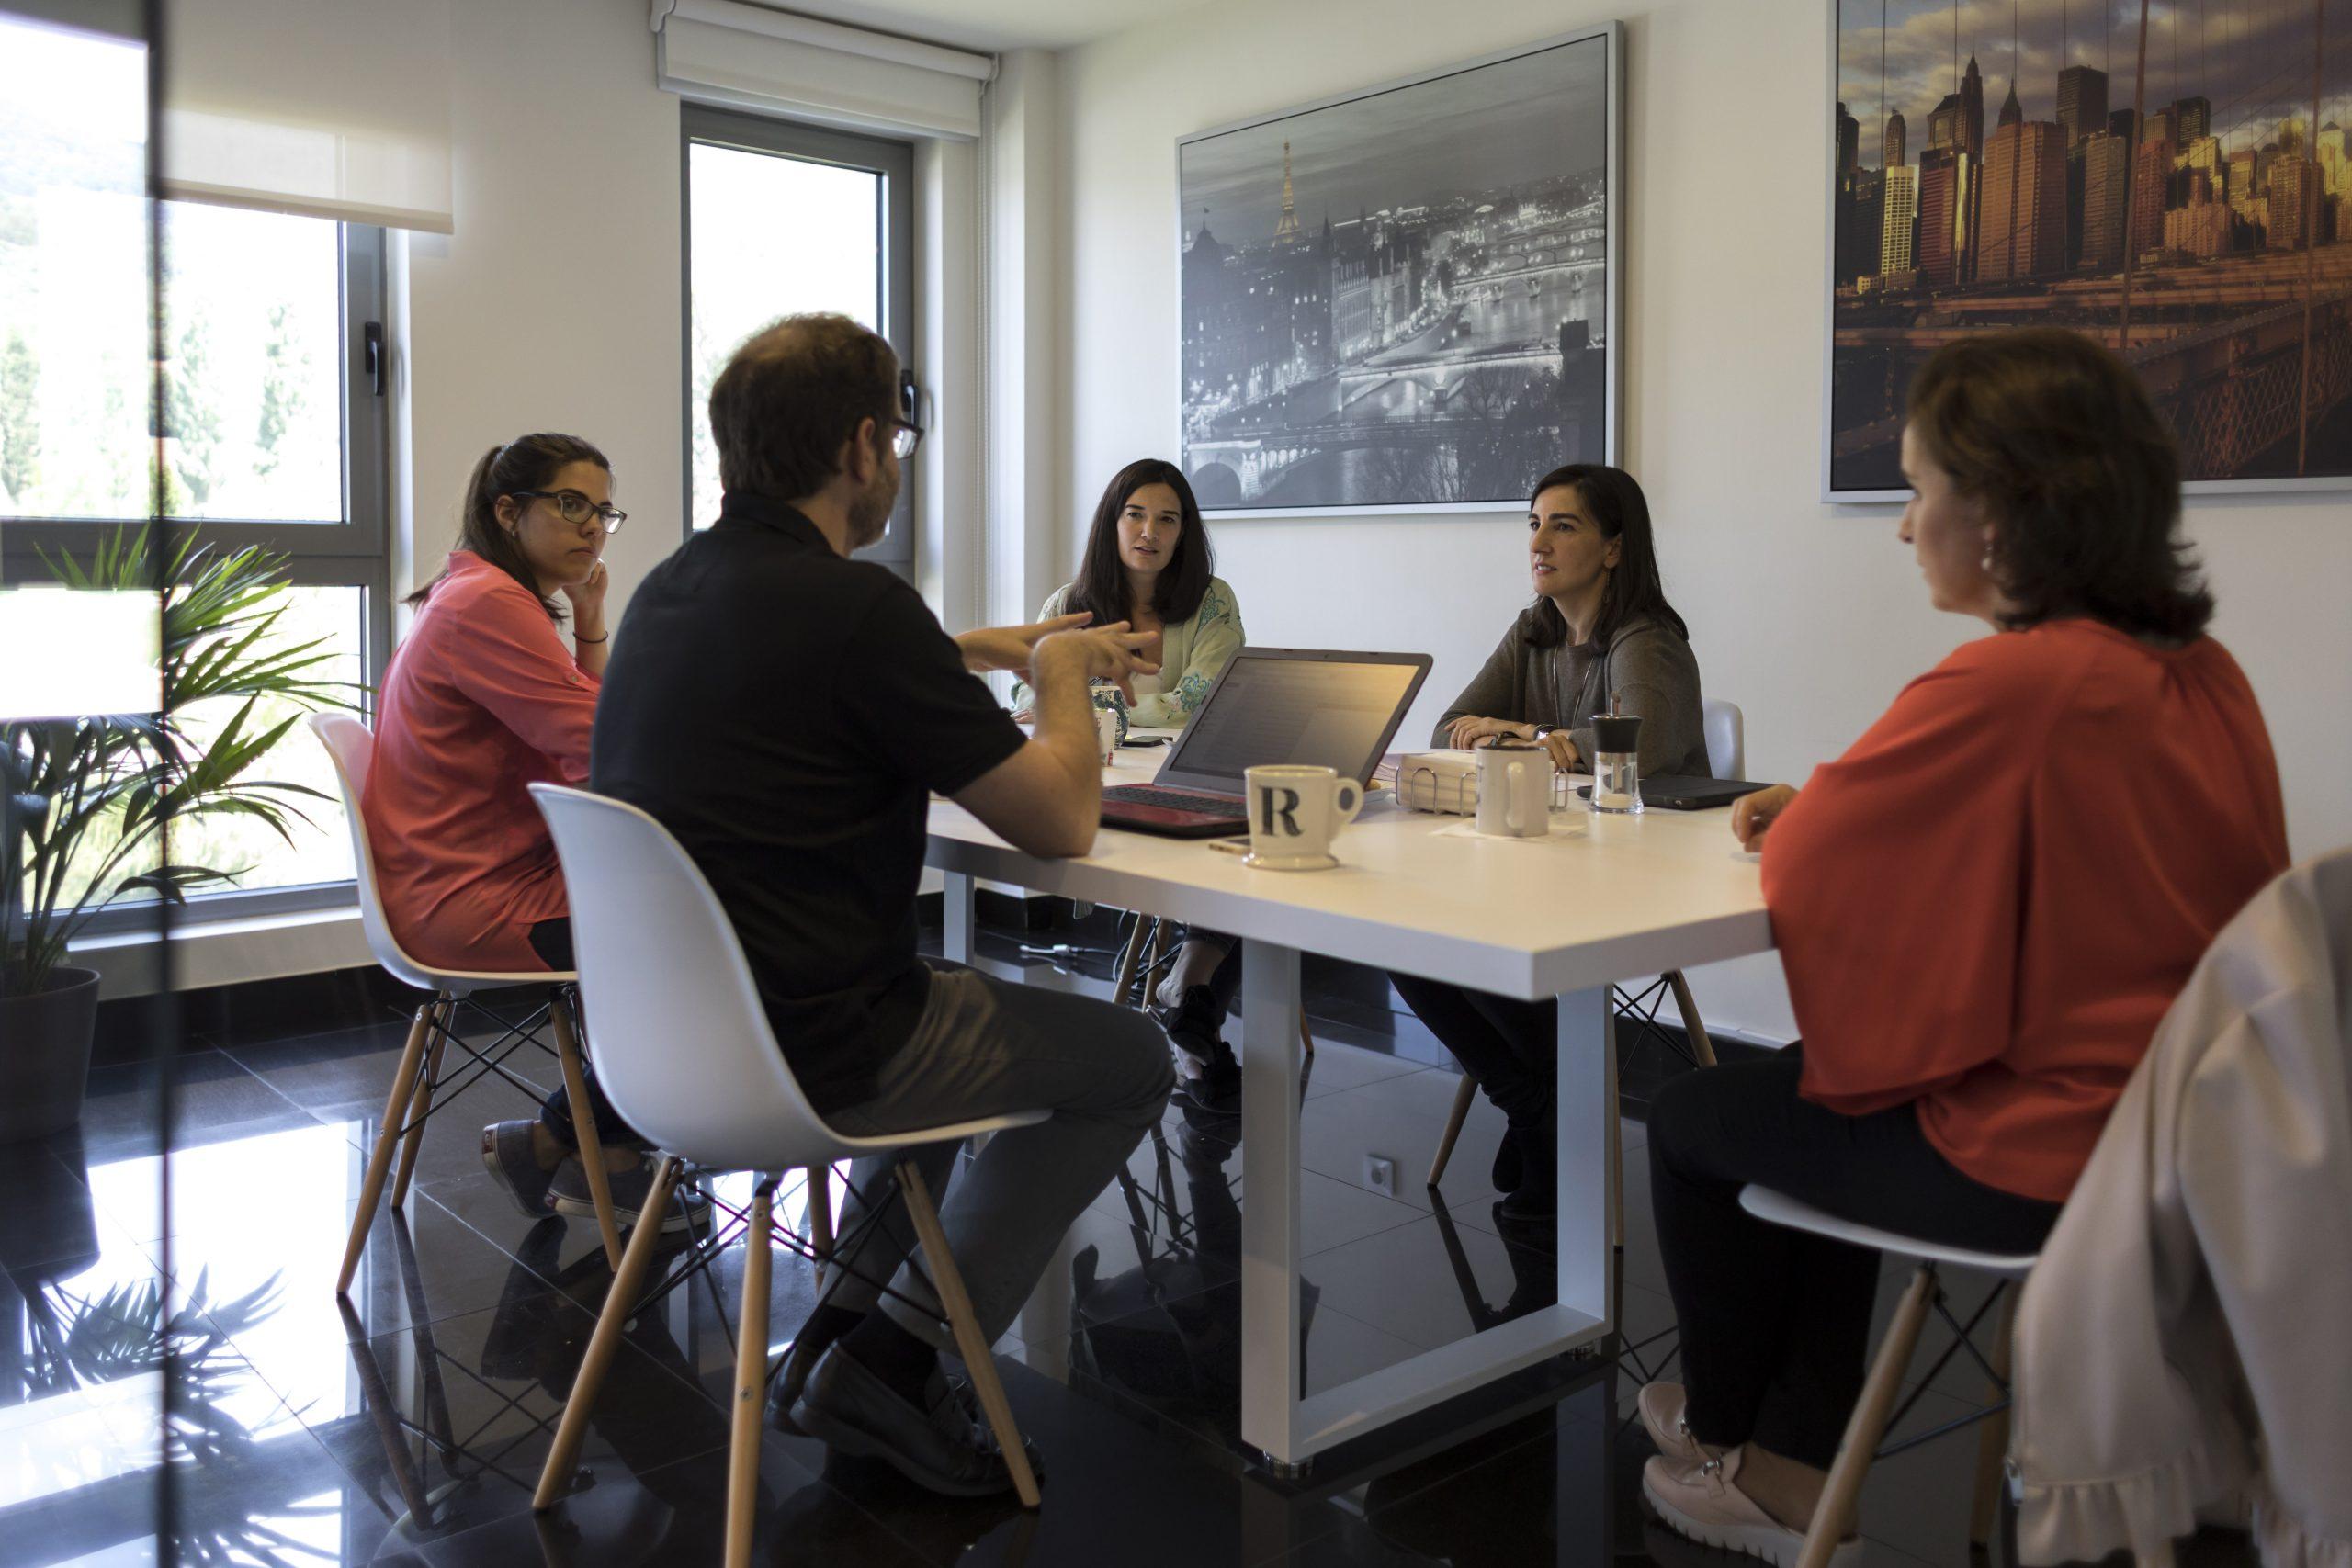 Equipo de 5 personas en una mesa compartiendo ideas